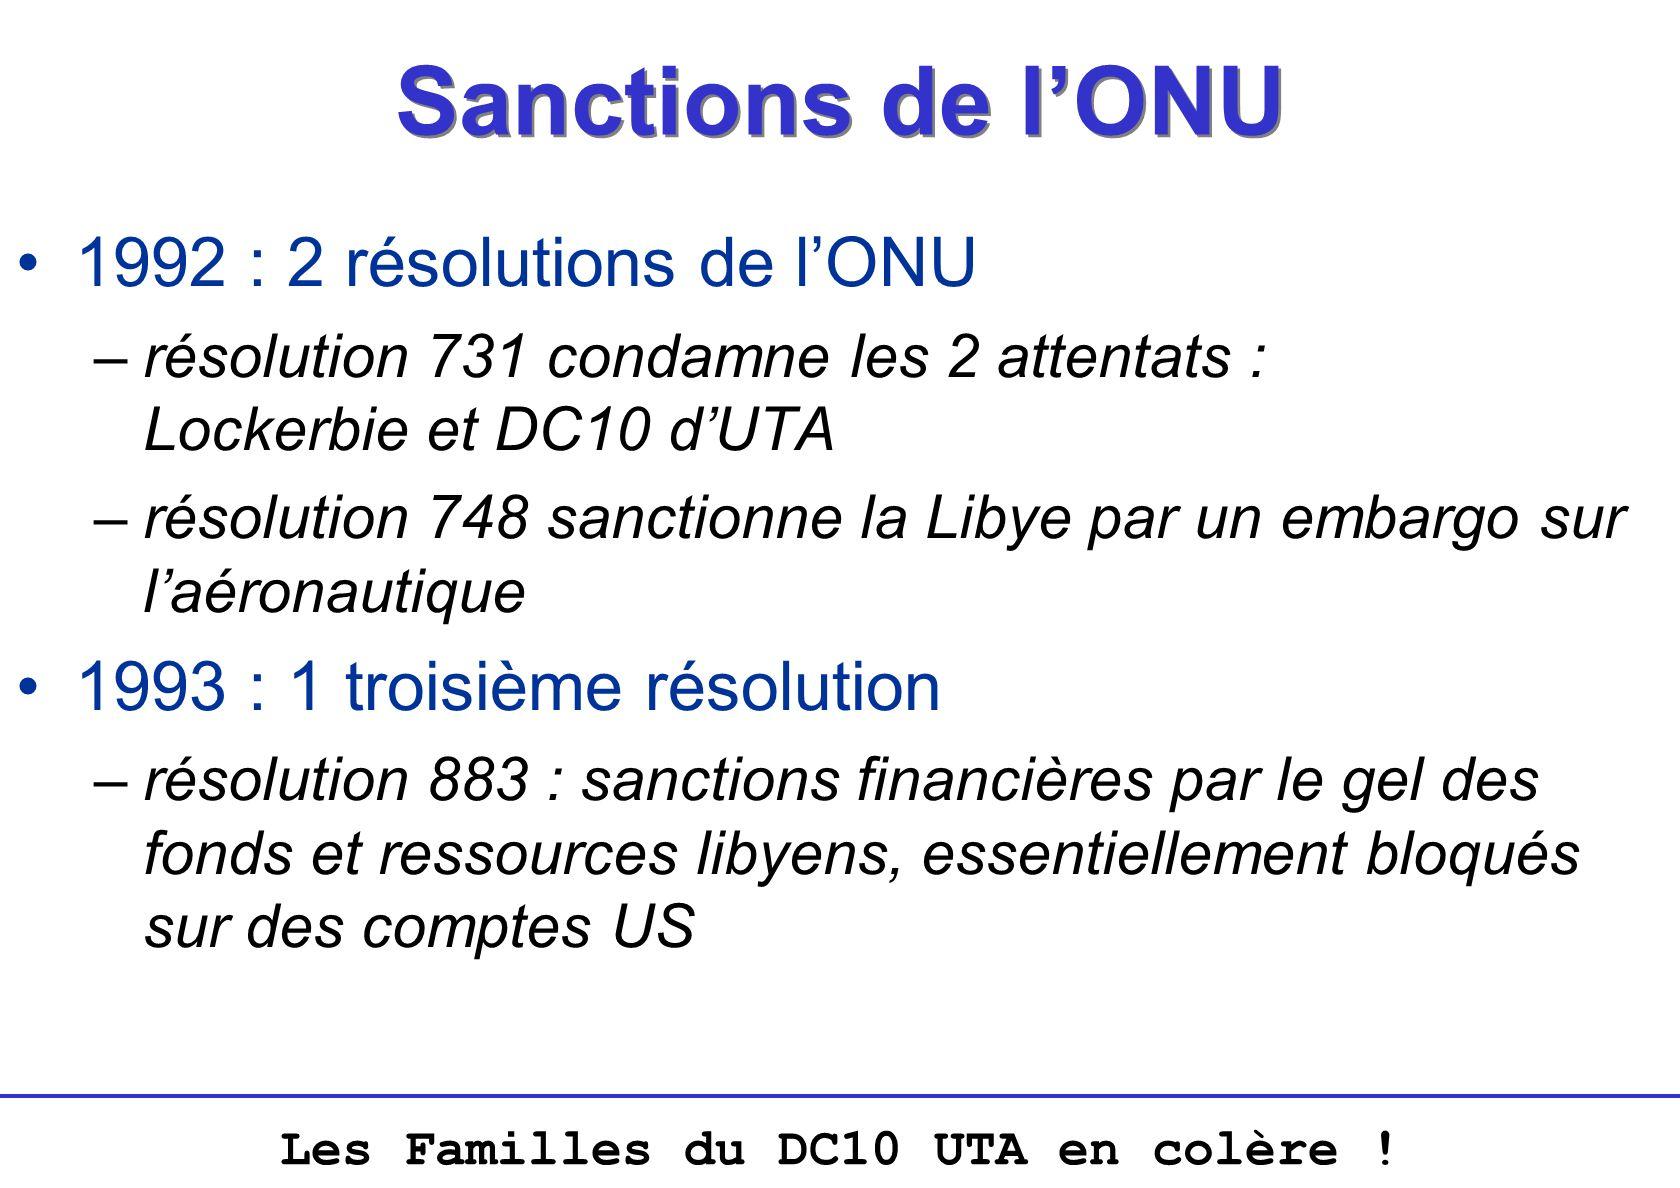 Les Familles du DC10 UTA en colère .1996 Lettre du colonel Kadhafi à M.